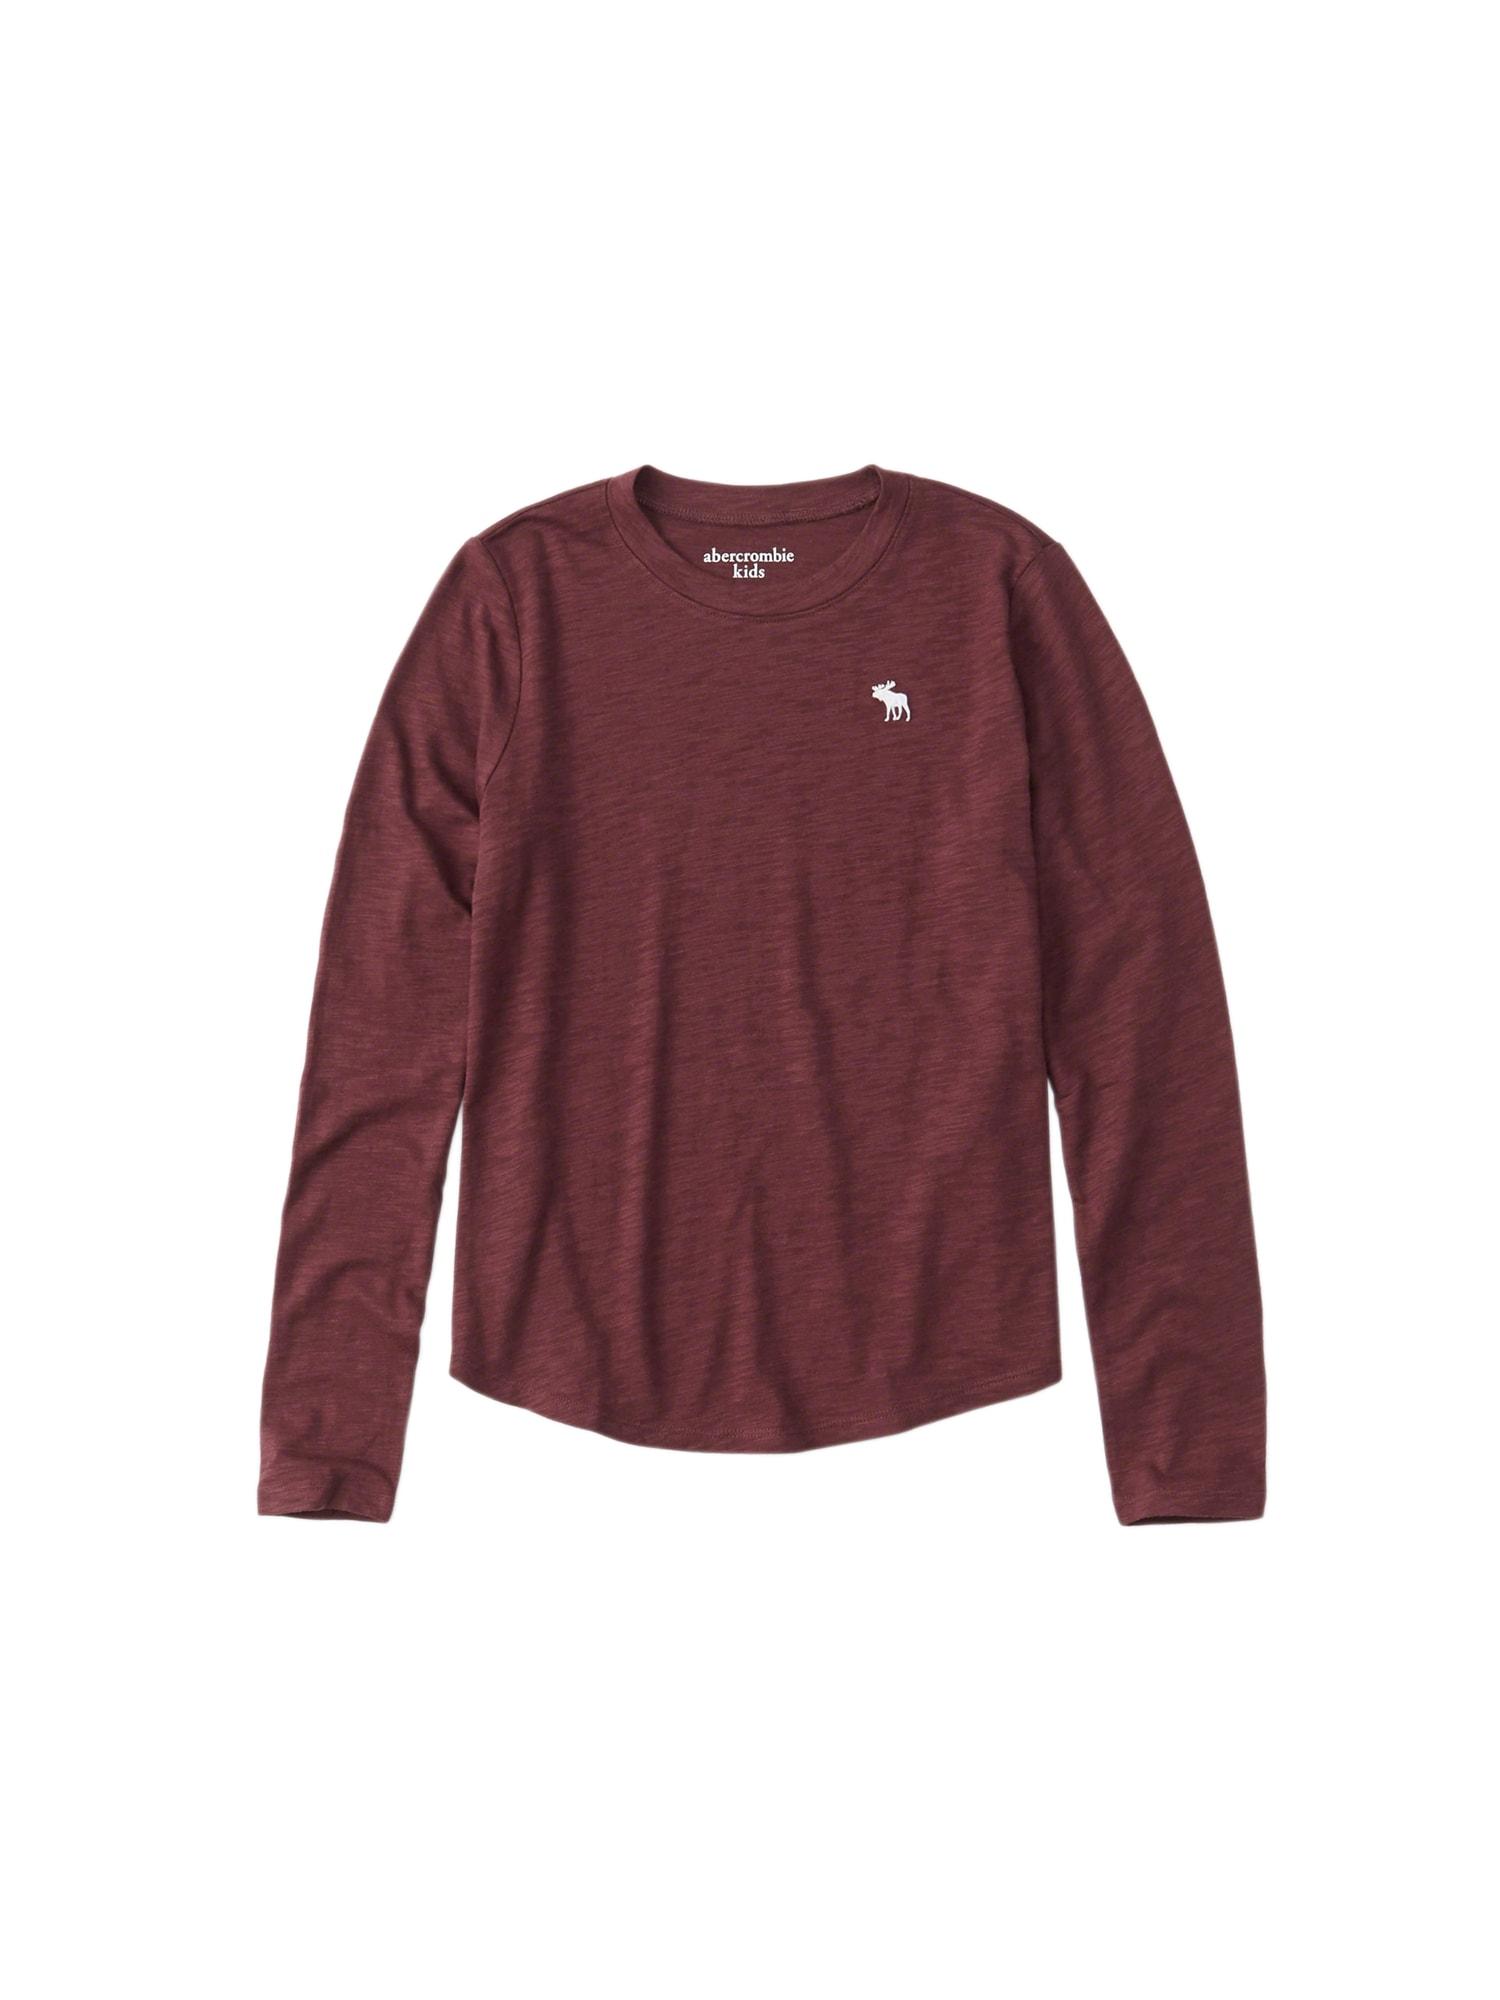 Tričko J2 LS CORE CREW TEE 5CC burgundská červeň Abercrombie & Fitch